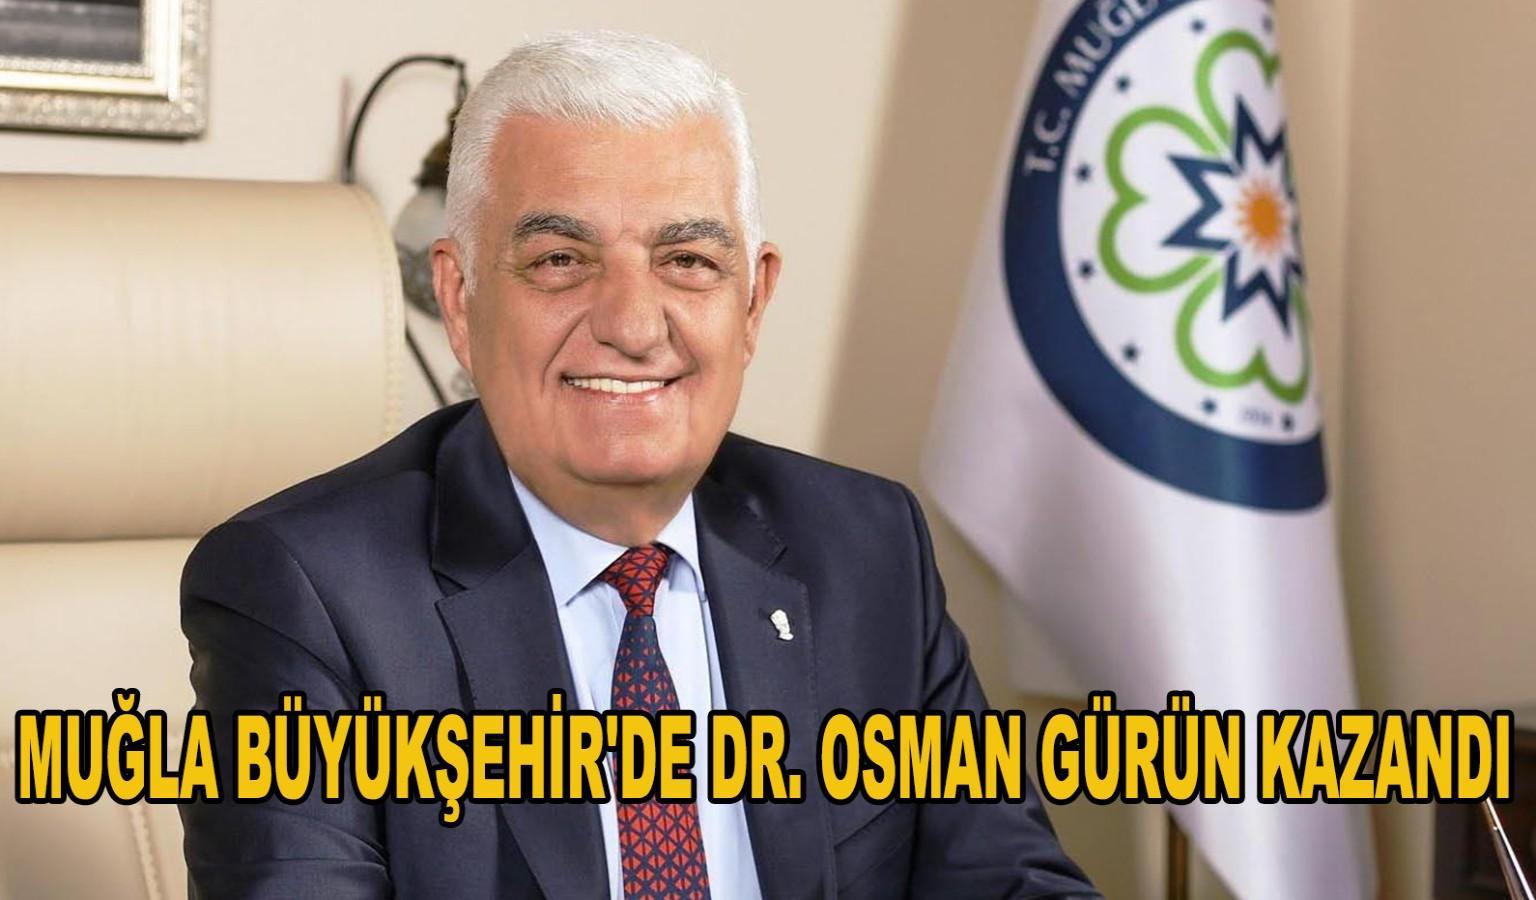 MUĞLA BÜYÜKŞEHİR'DE DR. OSMAN GÜRÜN KAZANDI